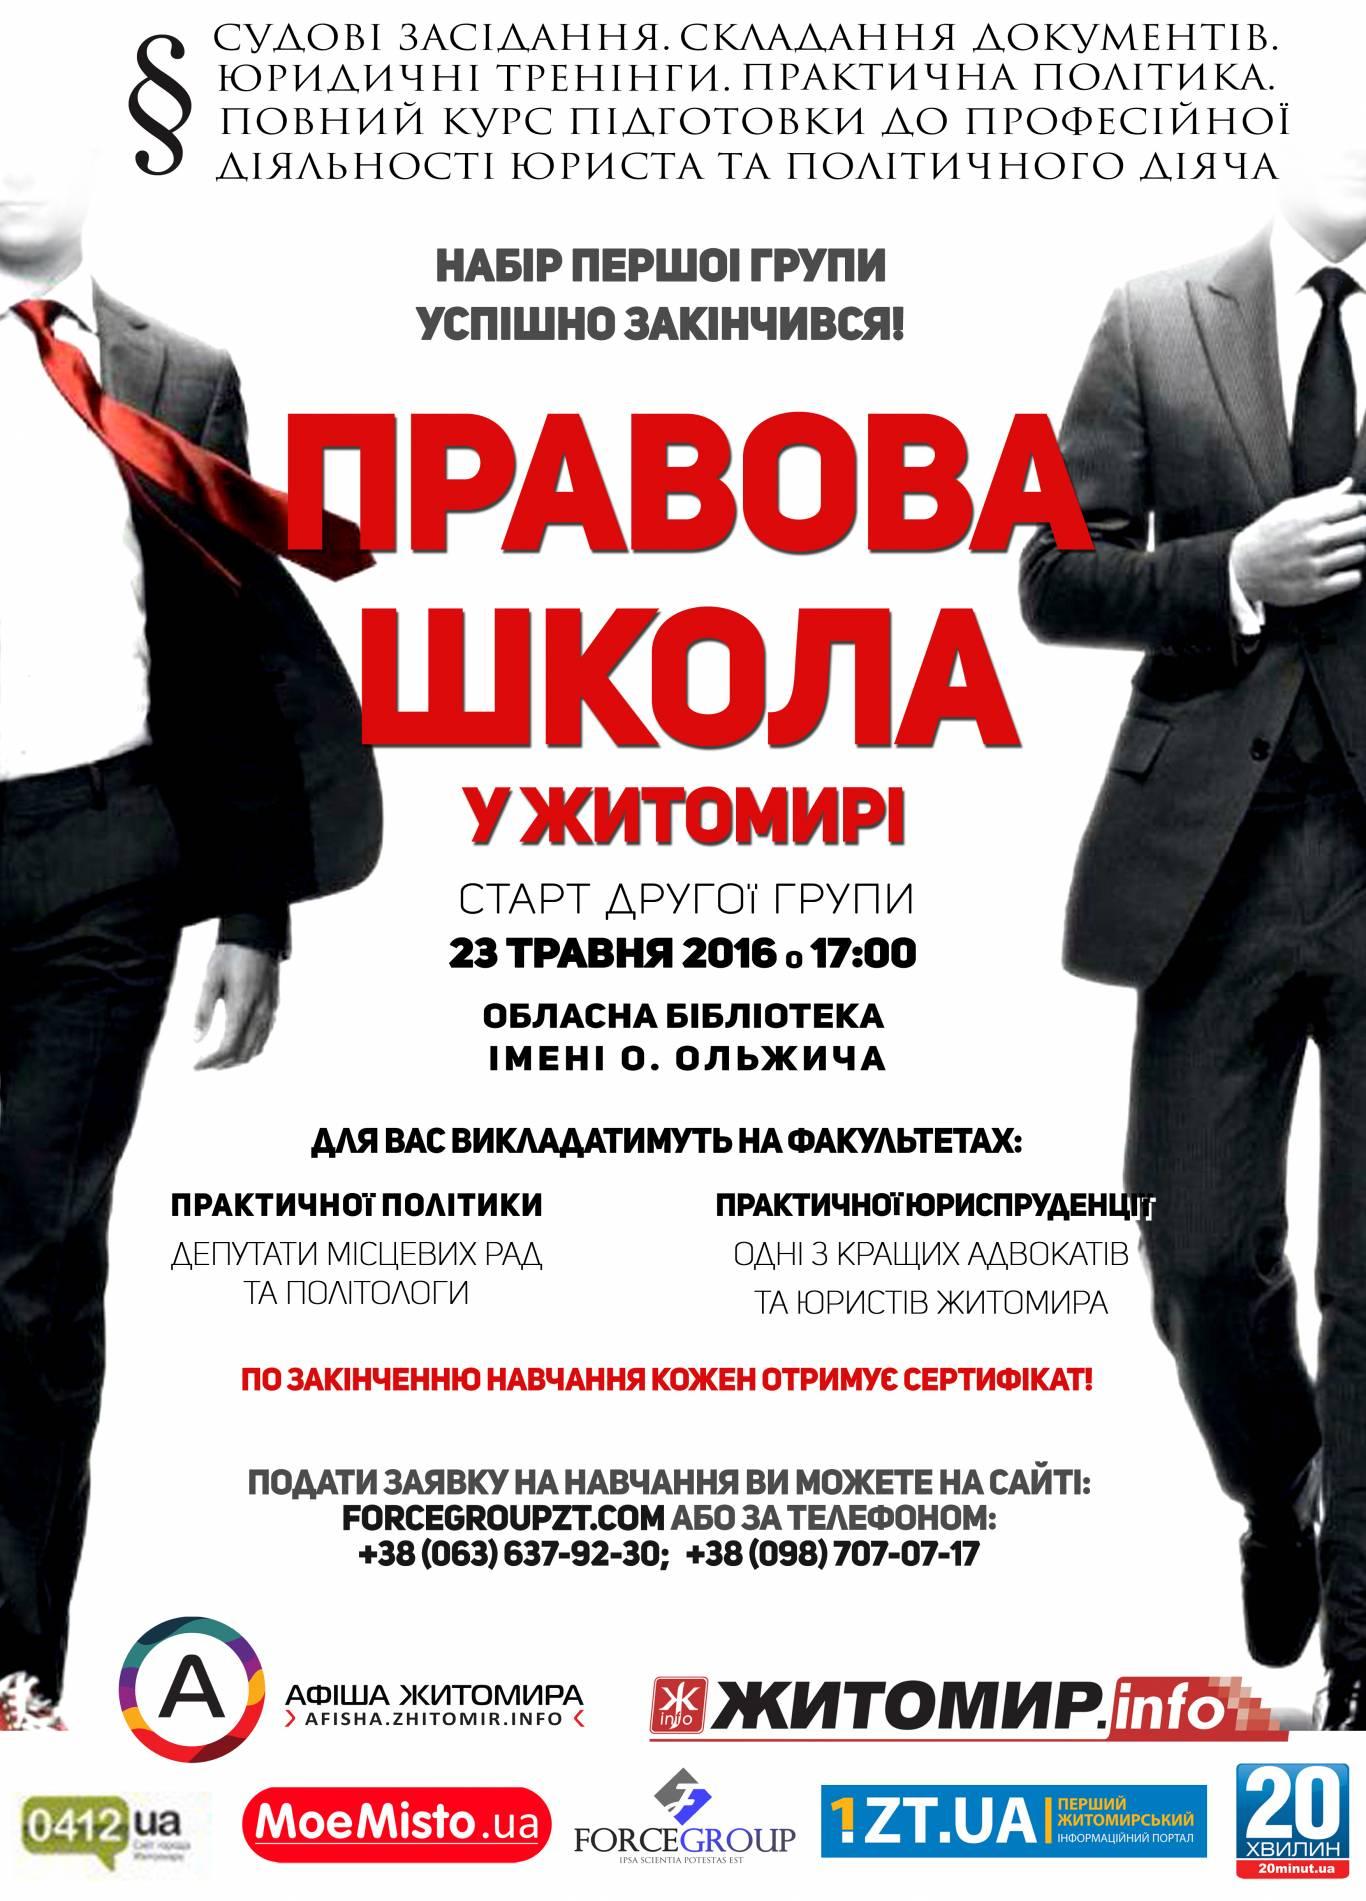 Школа майбутнього юриста та політика у Житомирі